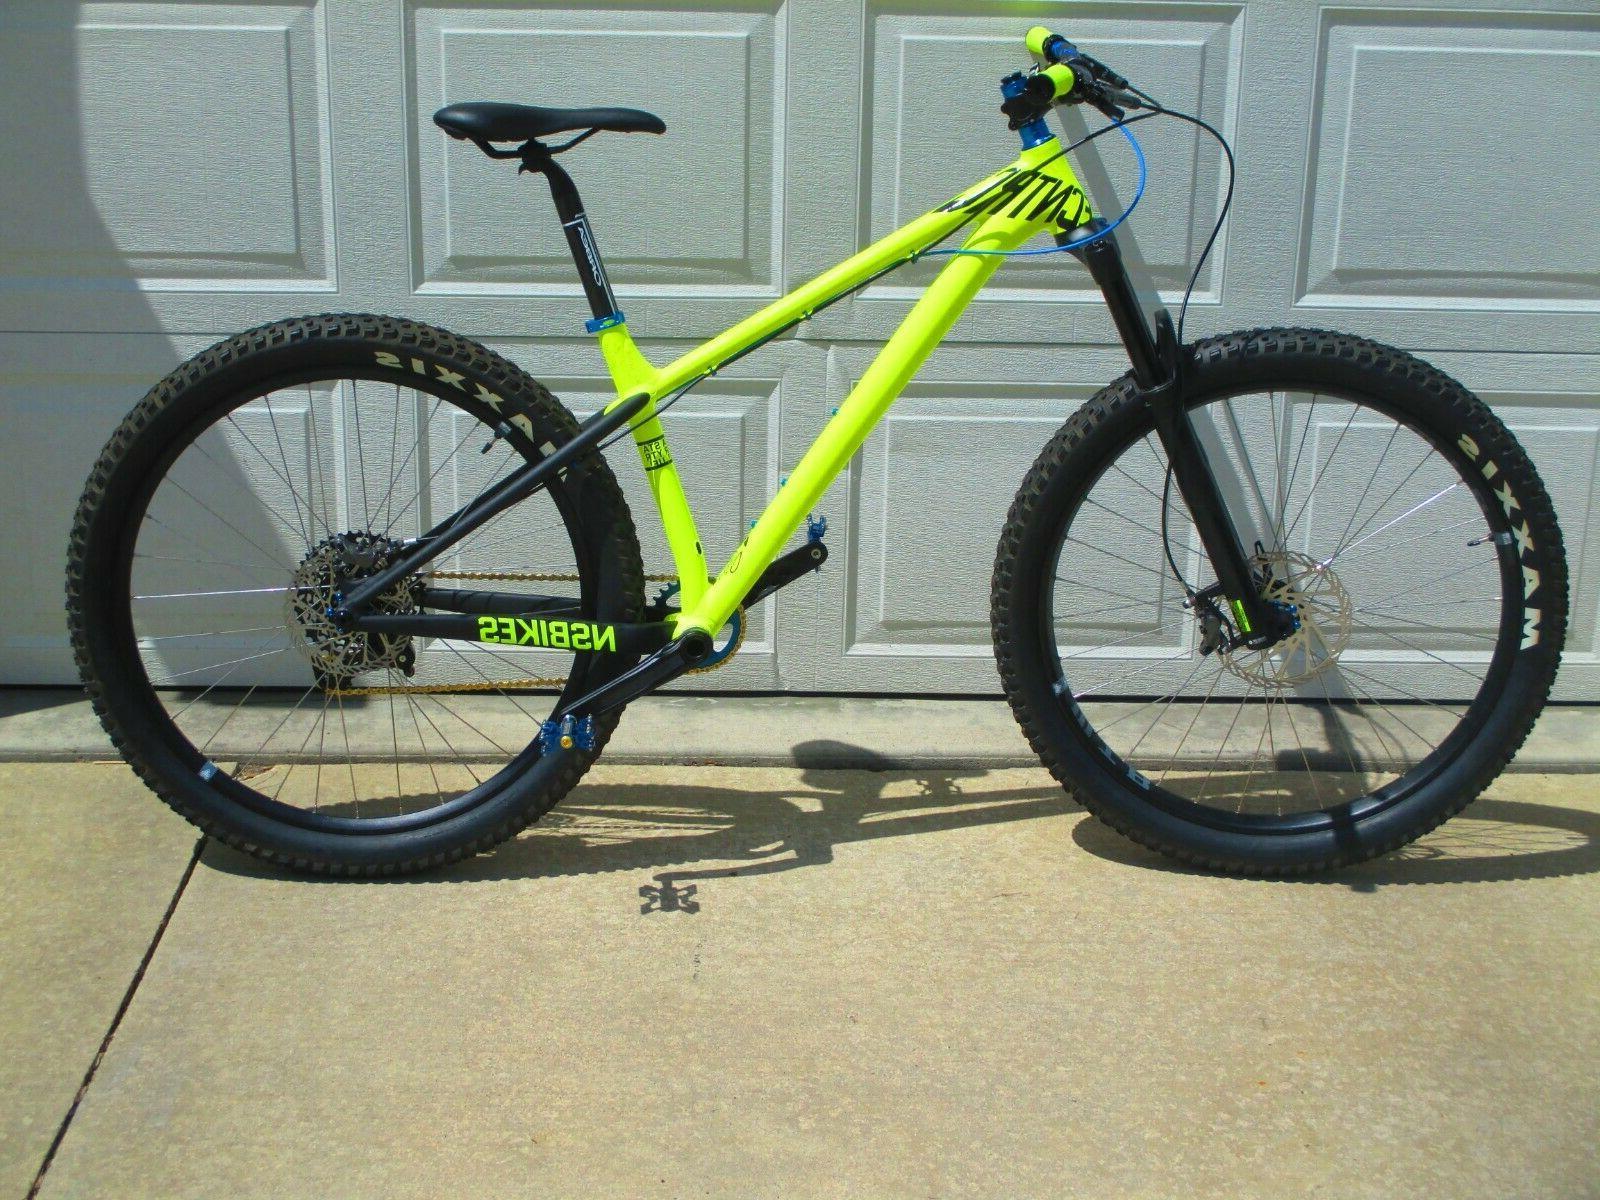 NEW NS Eccentric 27.5 Revelation 140mm Neon Bike